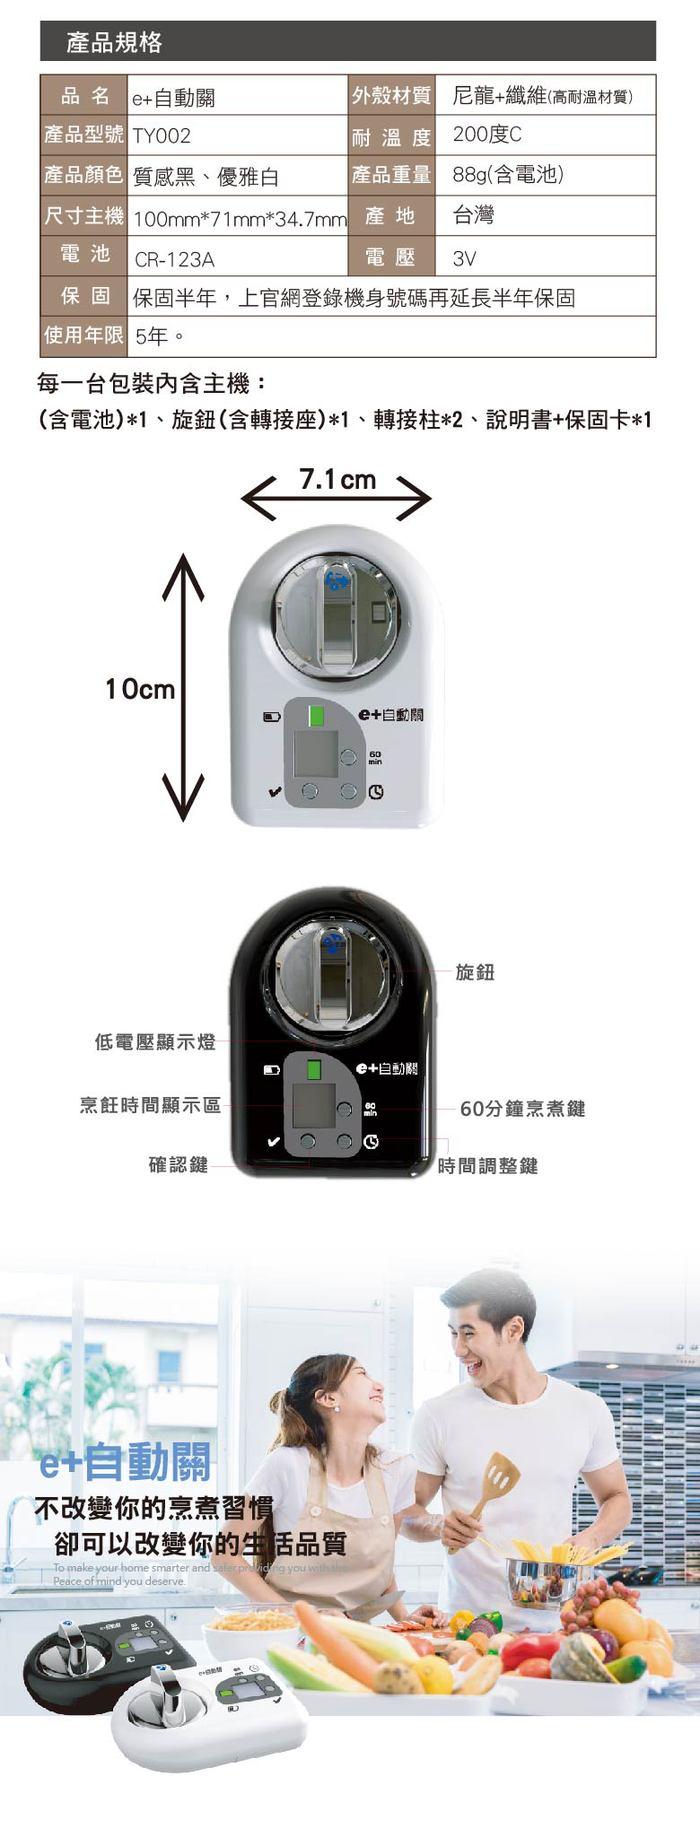 (複製)Yztek 耀主科技|E+自動關 瓦斯安全自動開關裝置-橫式(白/黑)